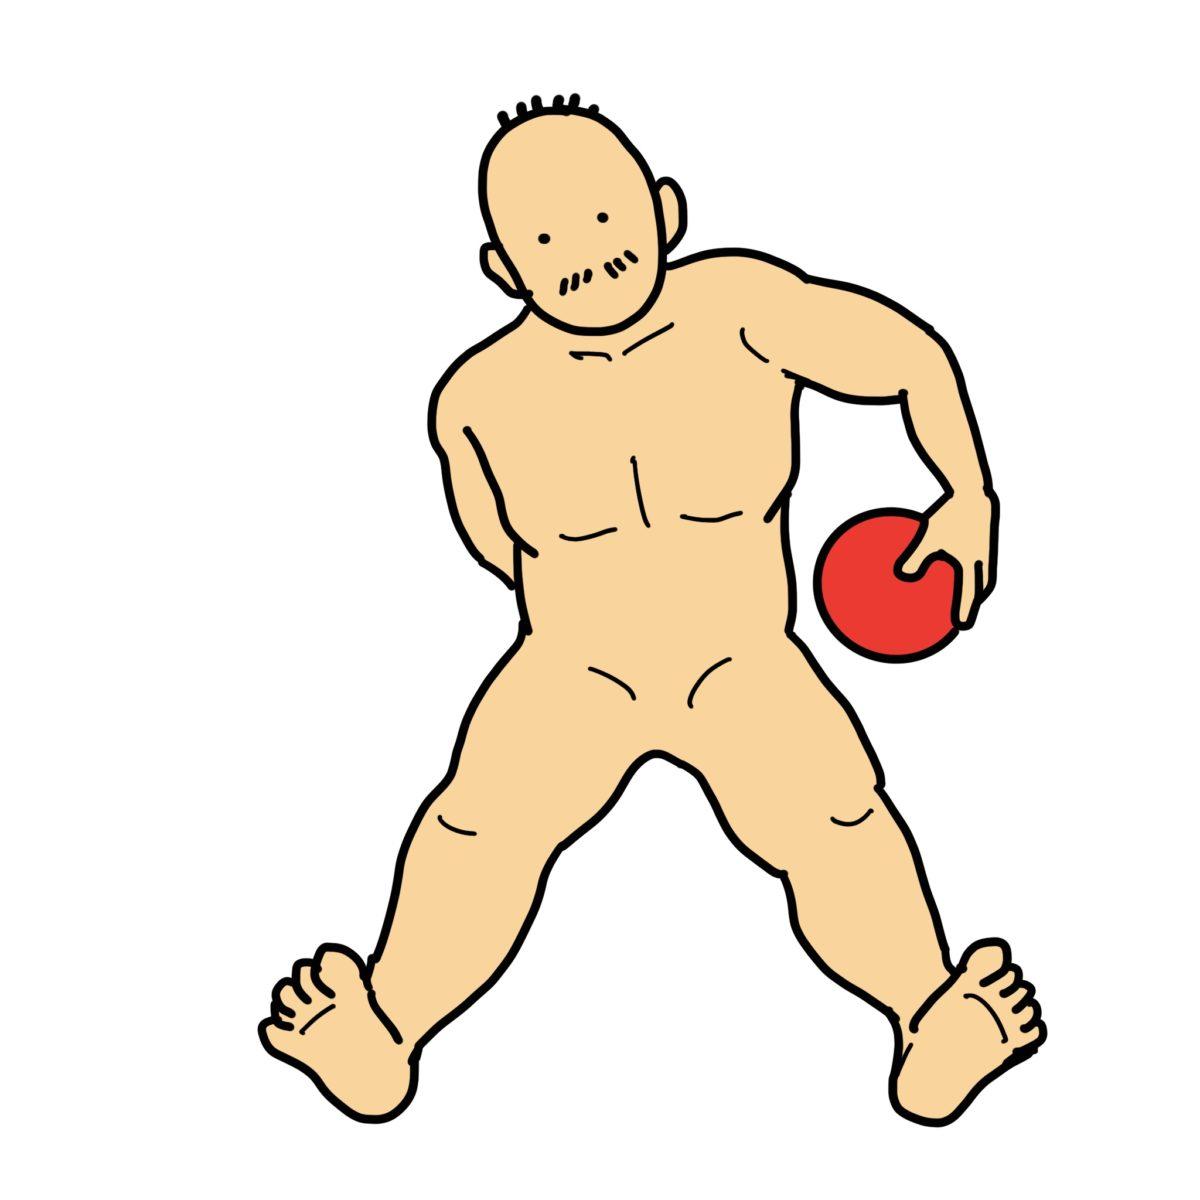 長座位バランス練習 その1(体幹周りをボールで1周)